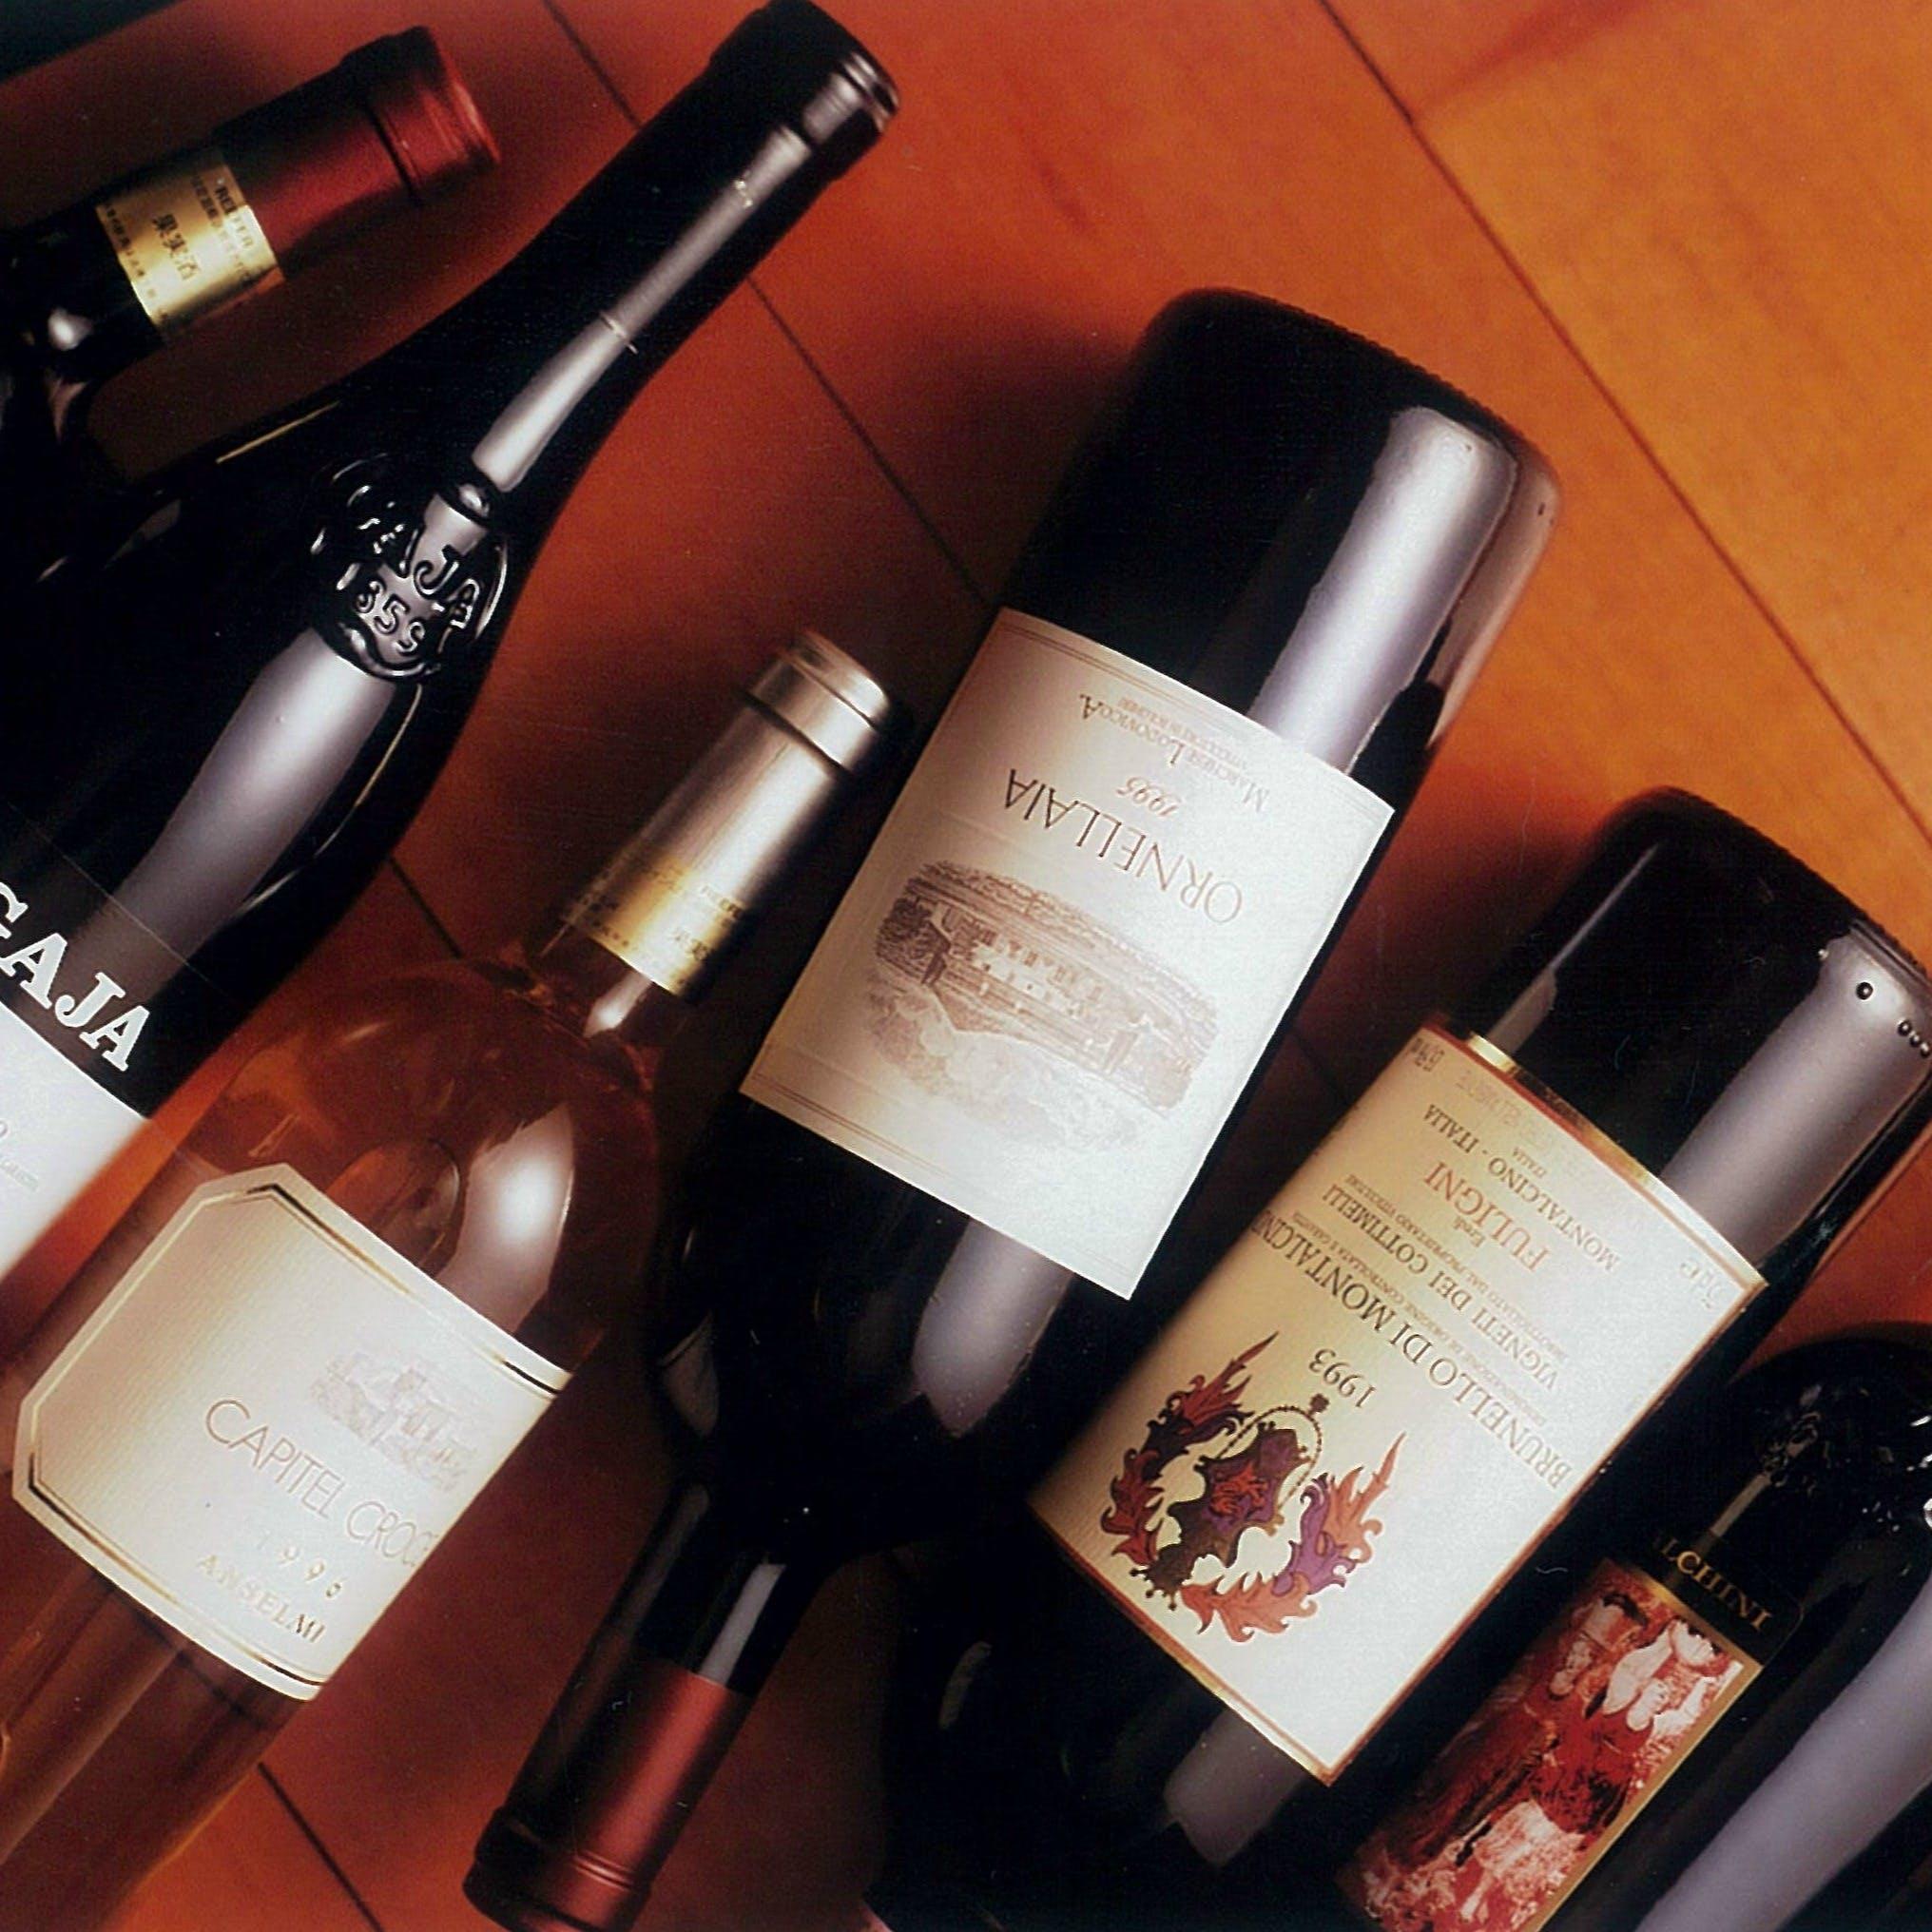 ソムリエ厳選のワインが楽しめる